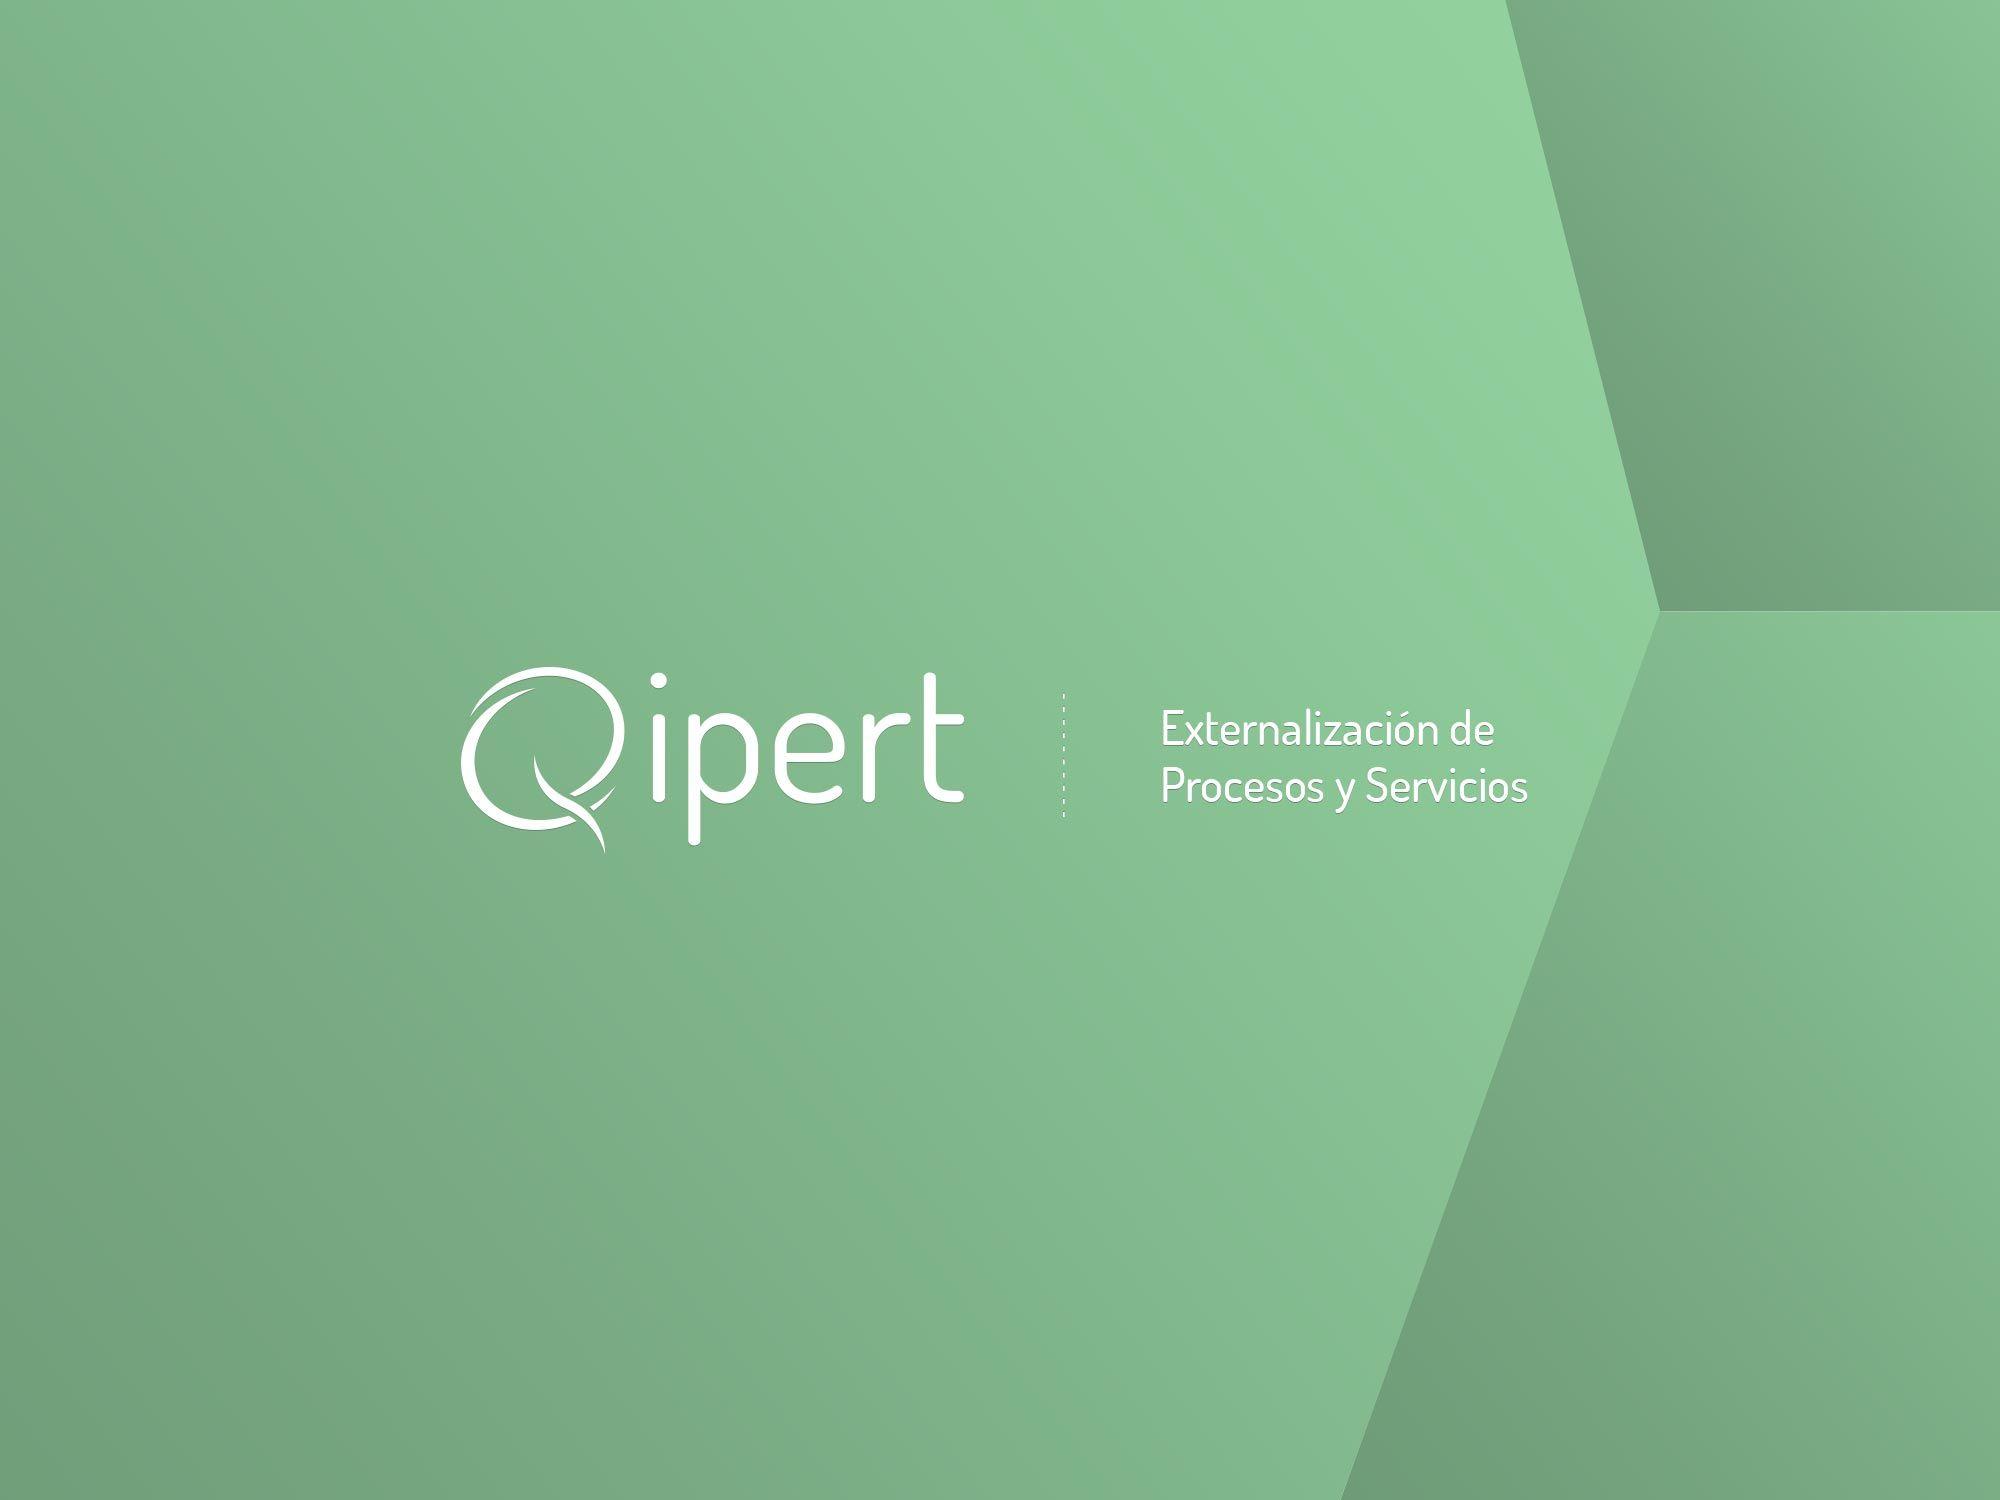 ibercaja portalempleado: